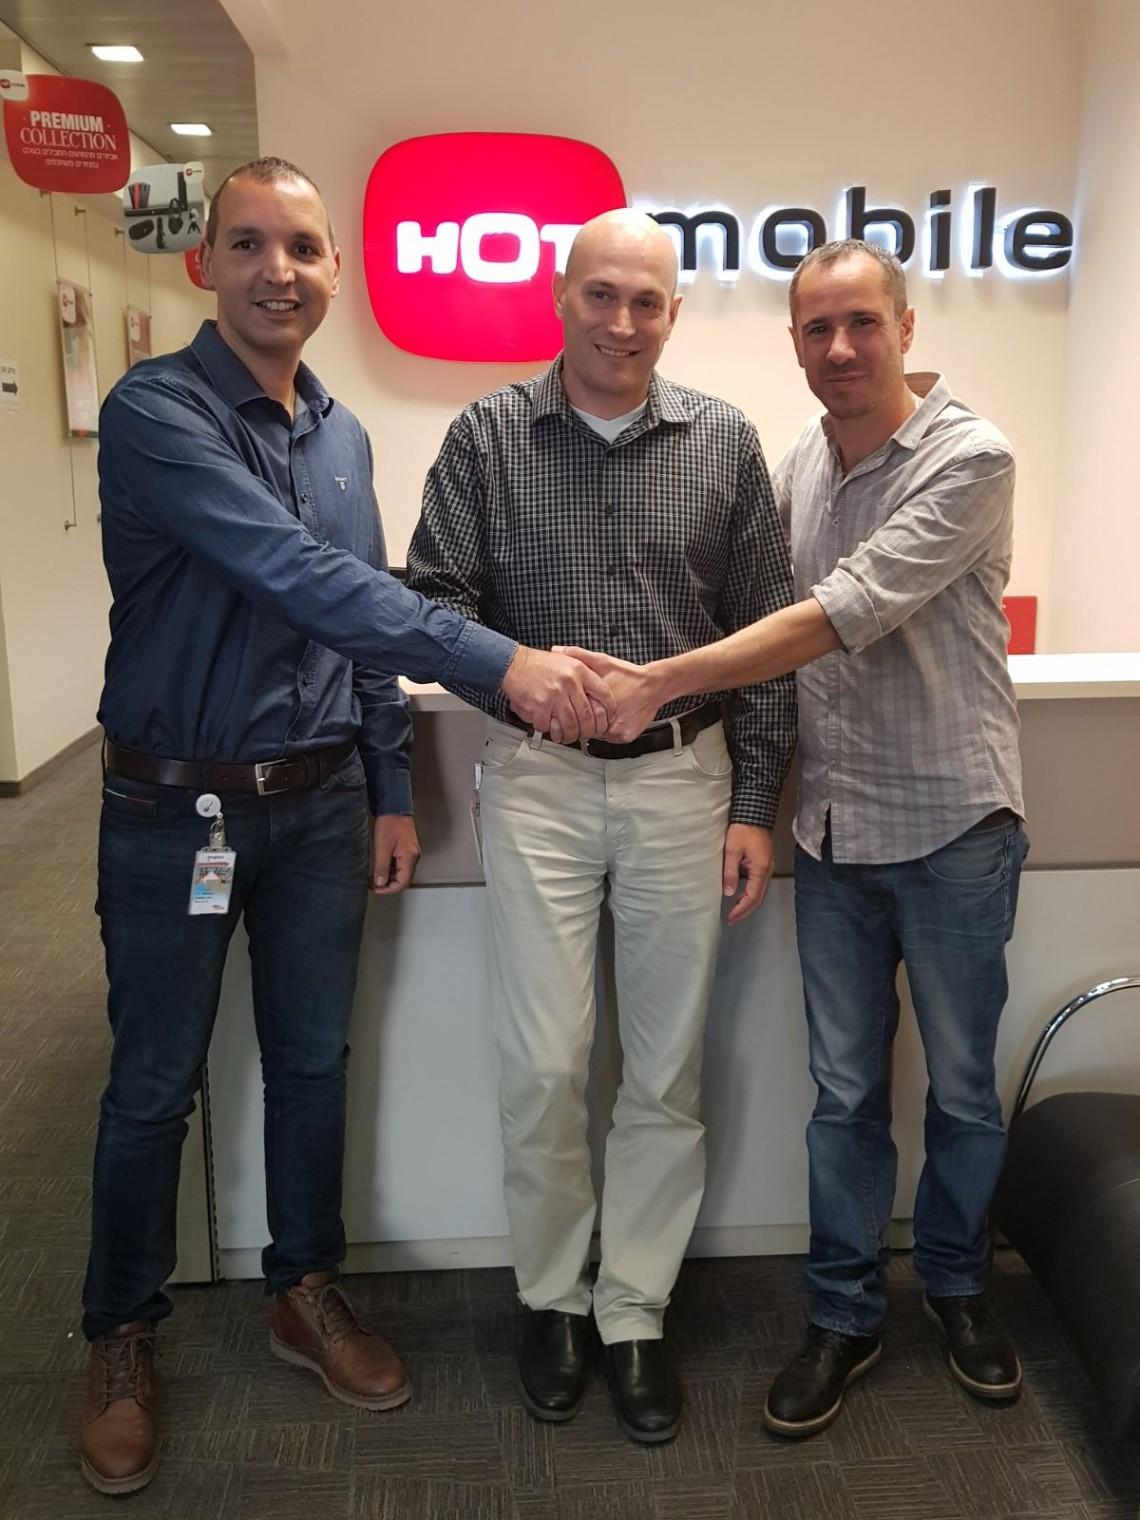 """ימין לשמאל: יו""""ר איגוד עובדי סלולר יקי חלוצי, מנכ""""ל HOT mobile אסף עופר ויו""""ר ועד העובדים בחברה אופיר בר גיל"""